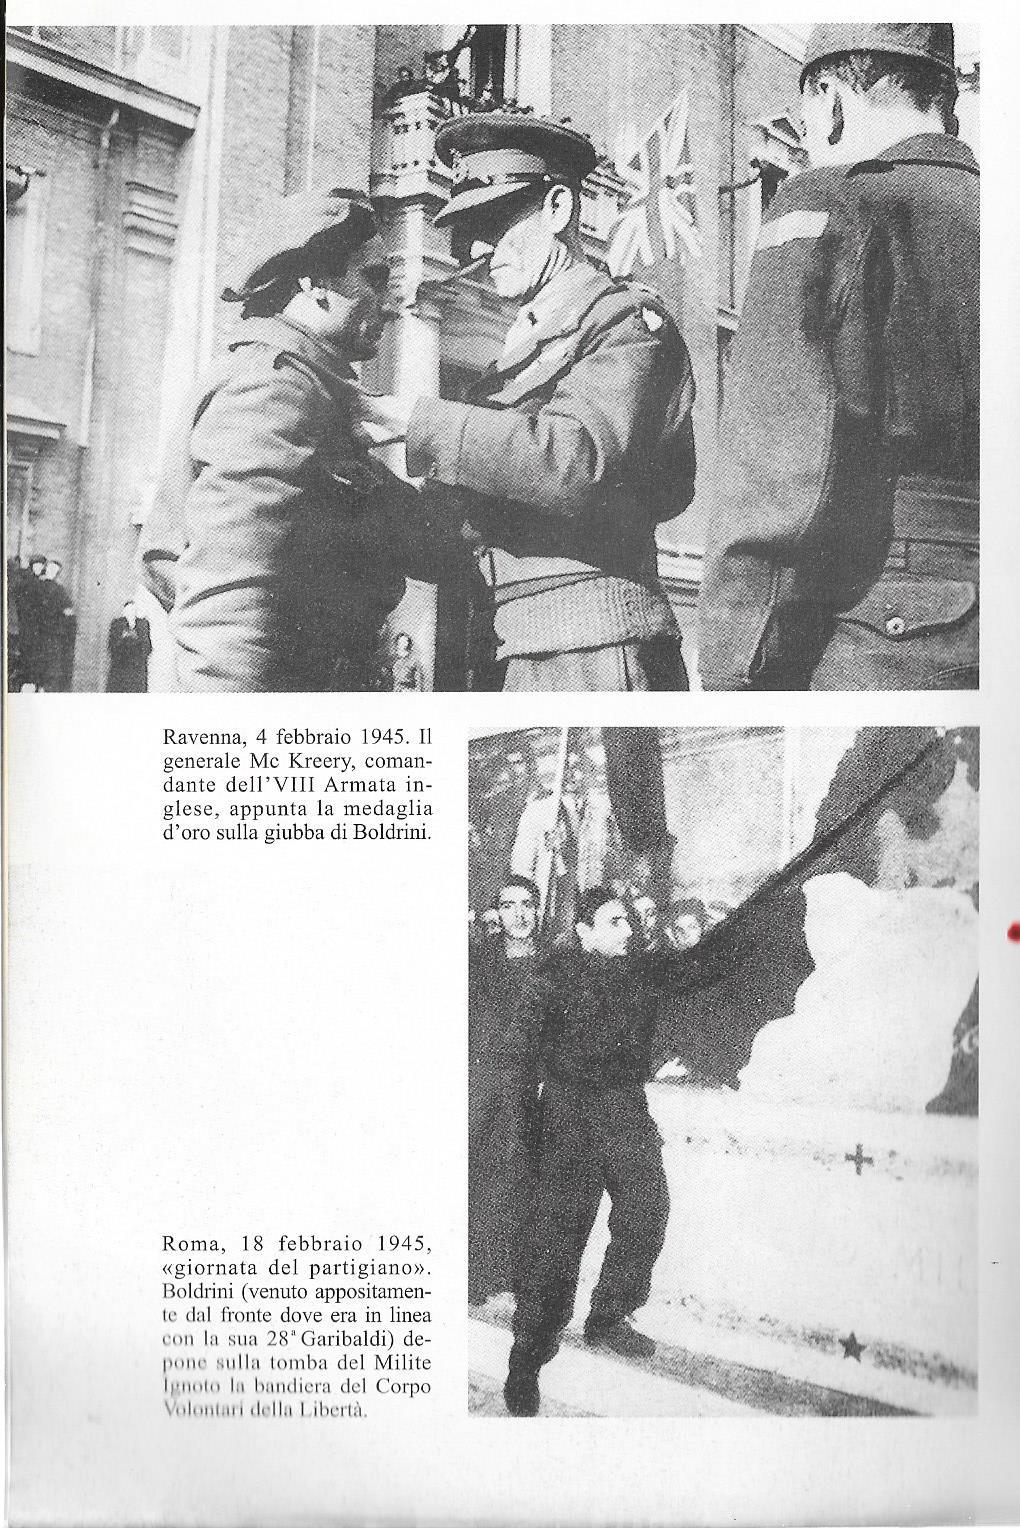 Boldrini riceve la medaglia dal Generale McCreery e posa il tricolore all'Altare della Patria a Roma, Febbraio 1945